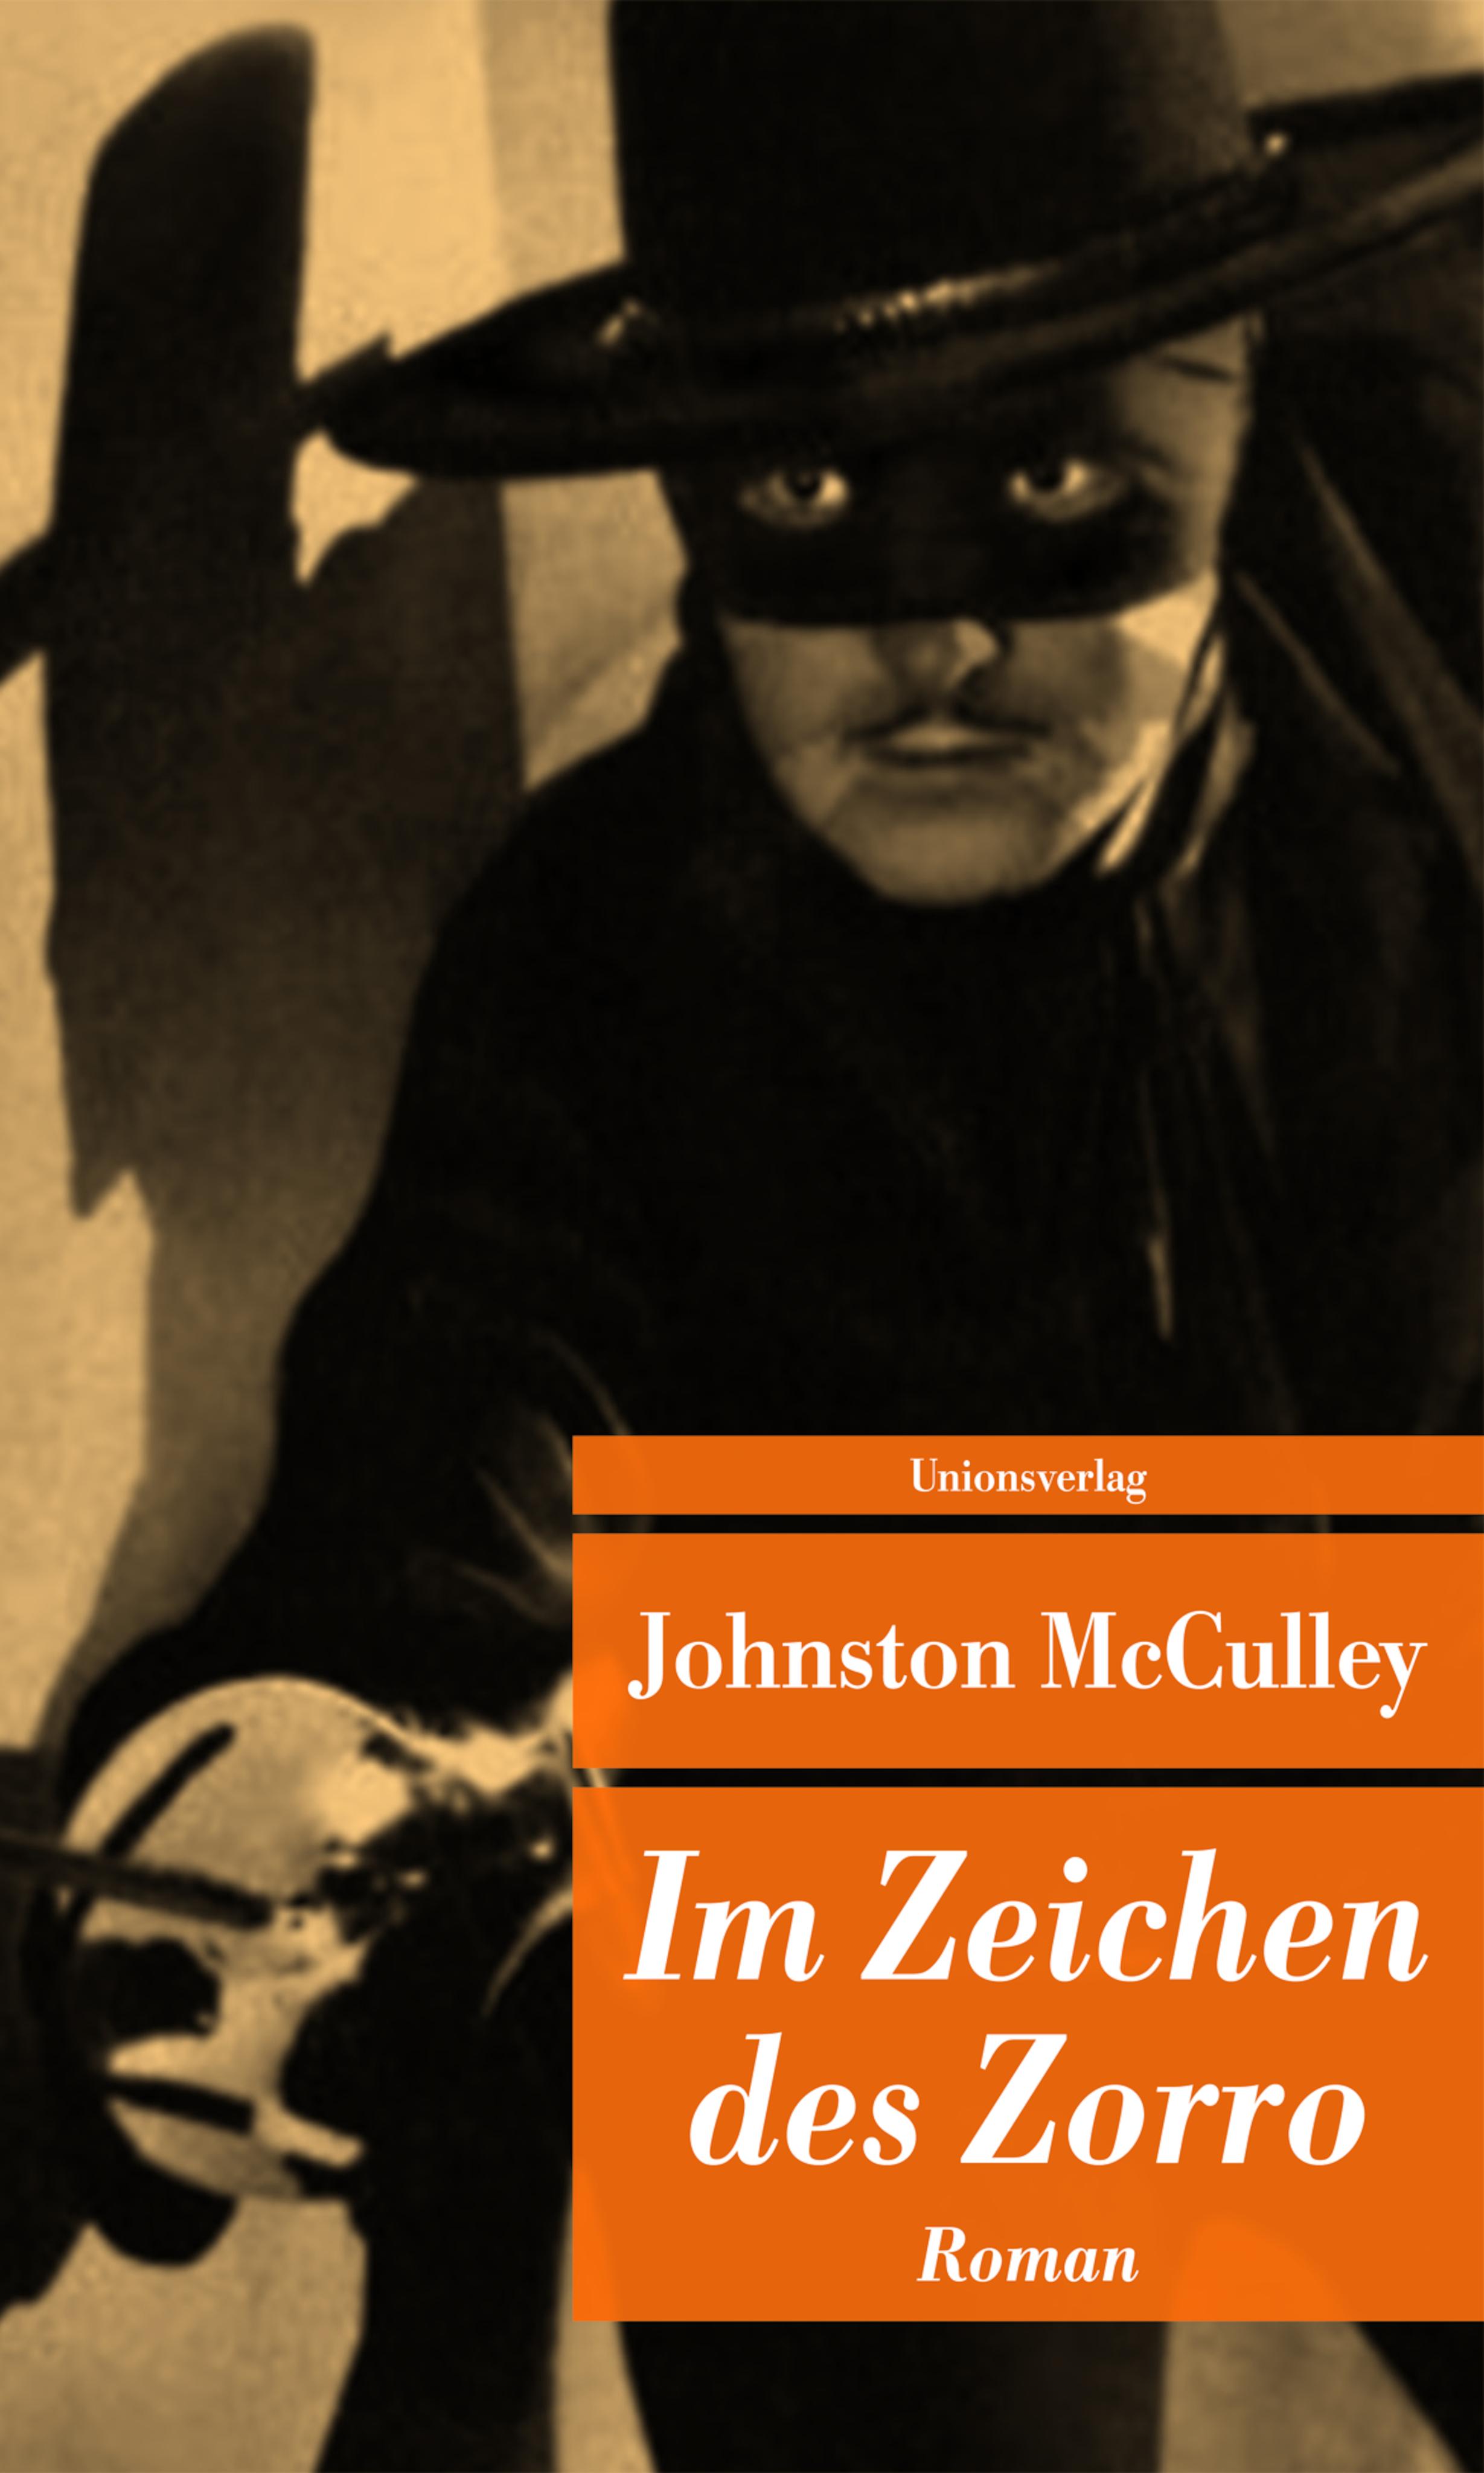 Johnston-McCulley-Im-Zeichen-des-Zorro-9783293205925